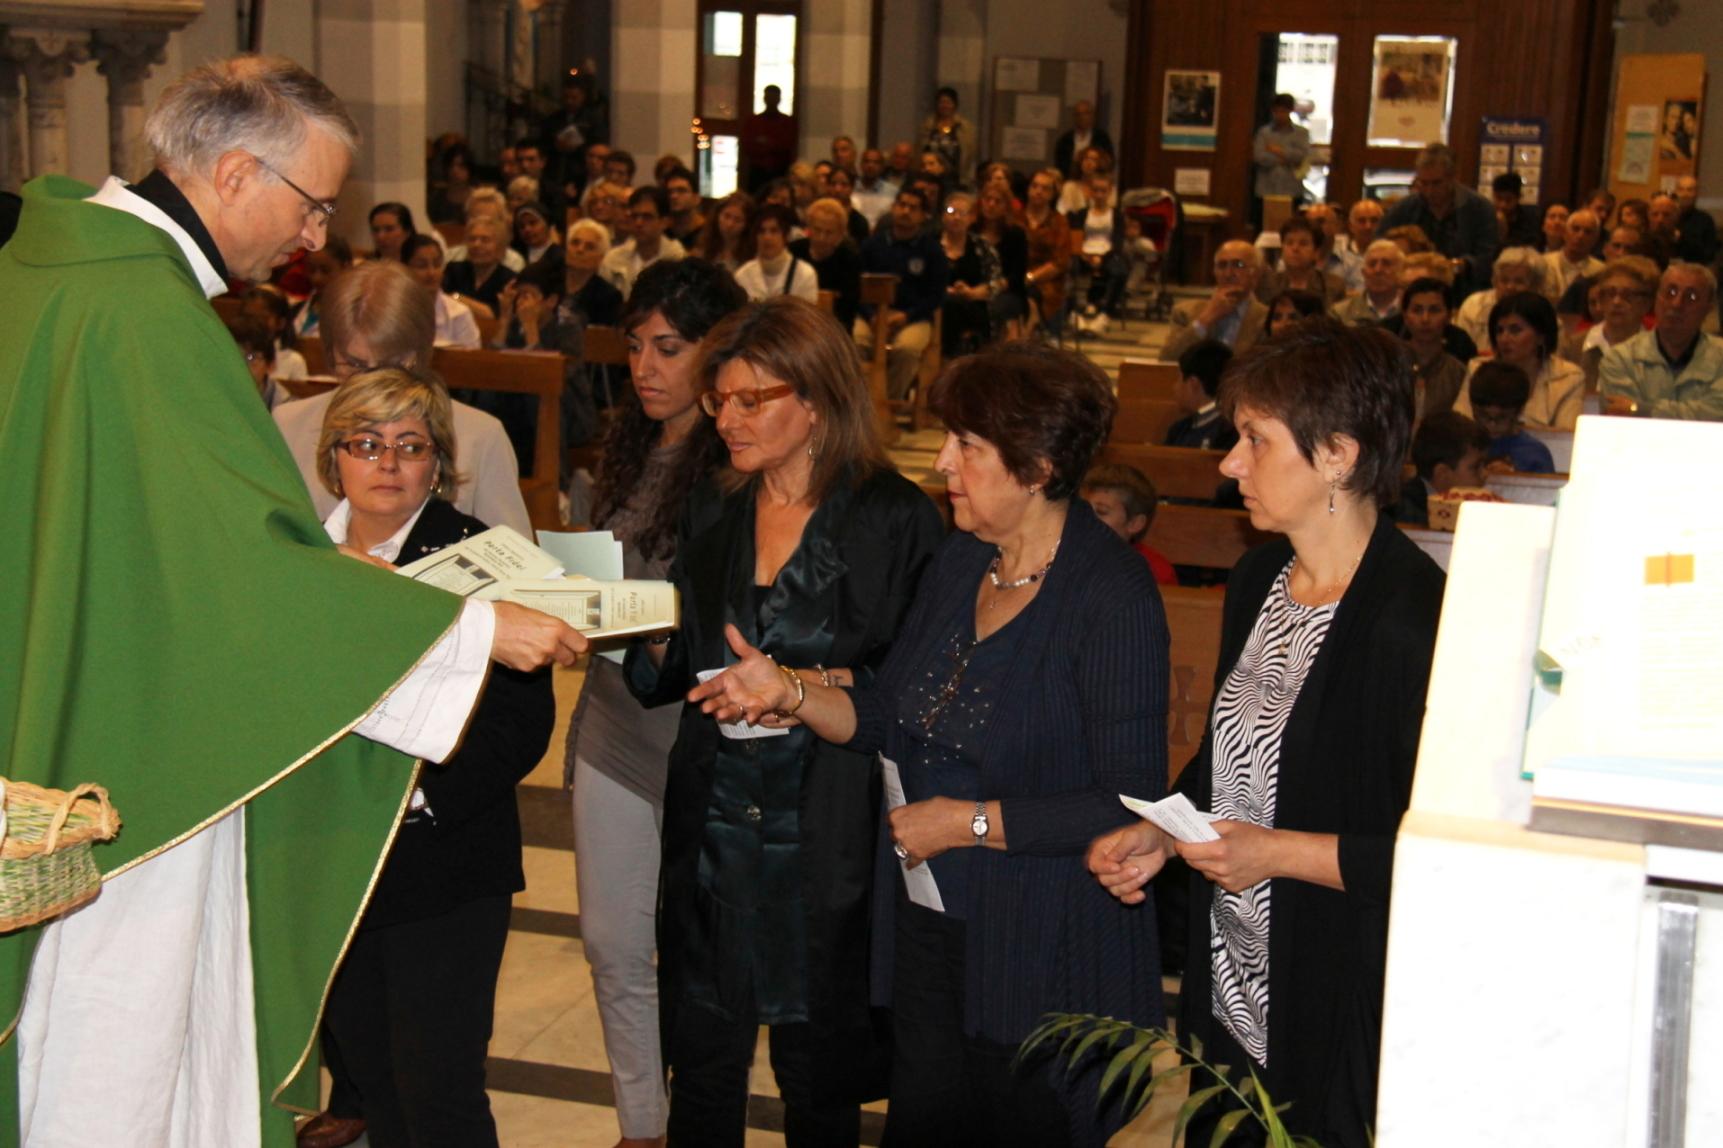 inaugurazione_anno_catechistico_e_anno_della_fede_2012-10-07-11-31-25